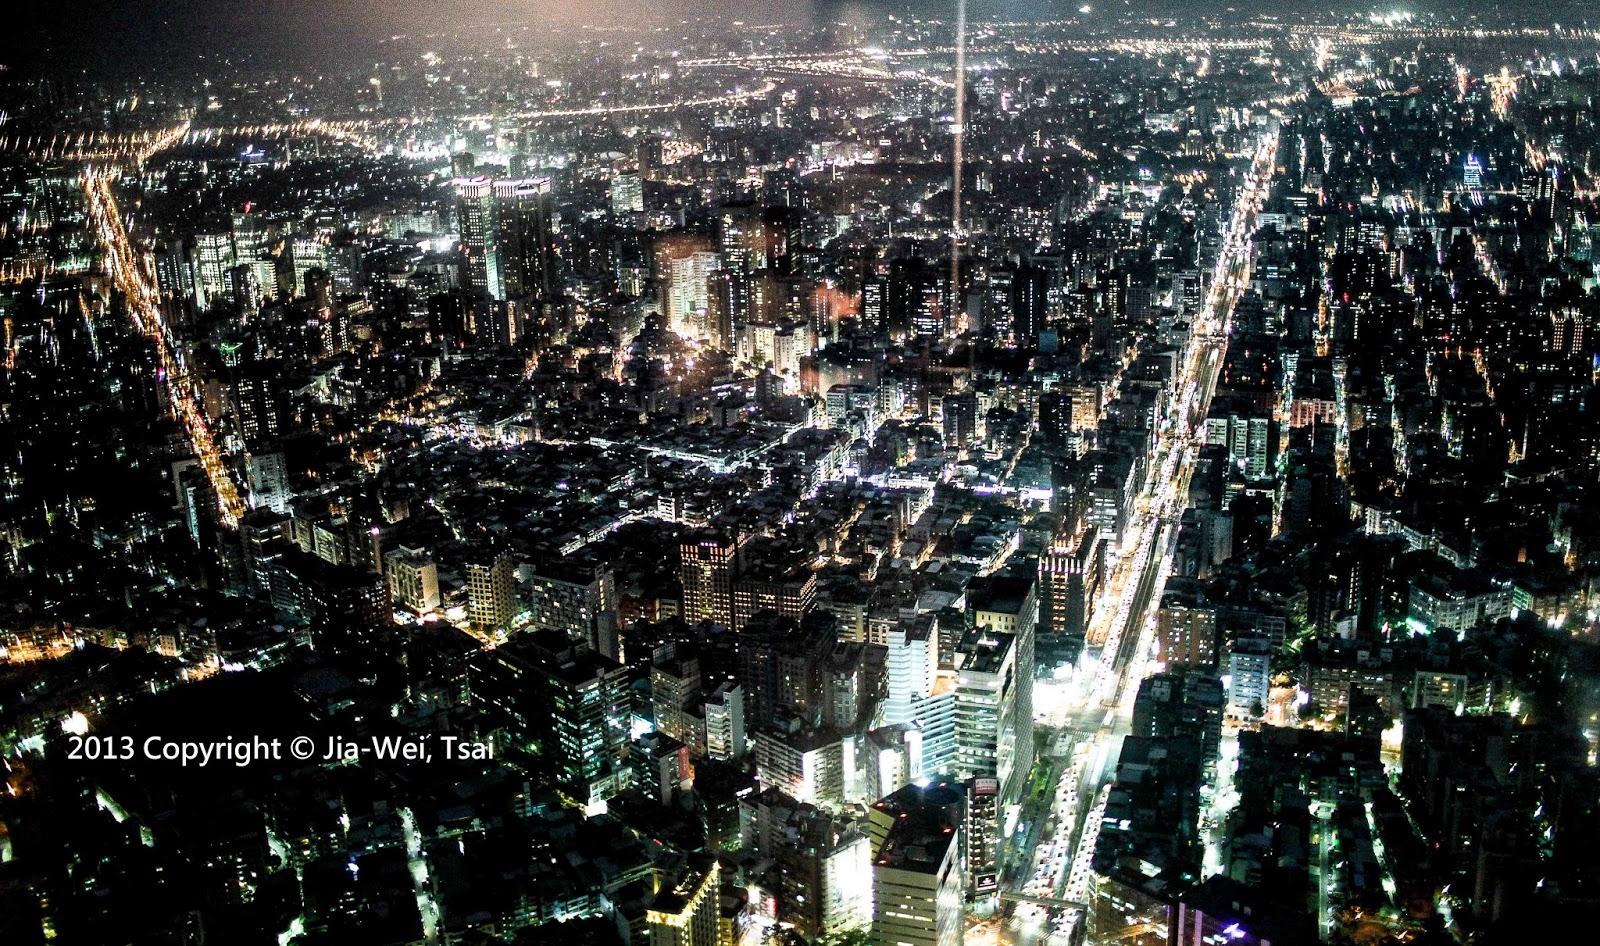 關於: 臺北的無國界夜宴